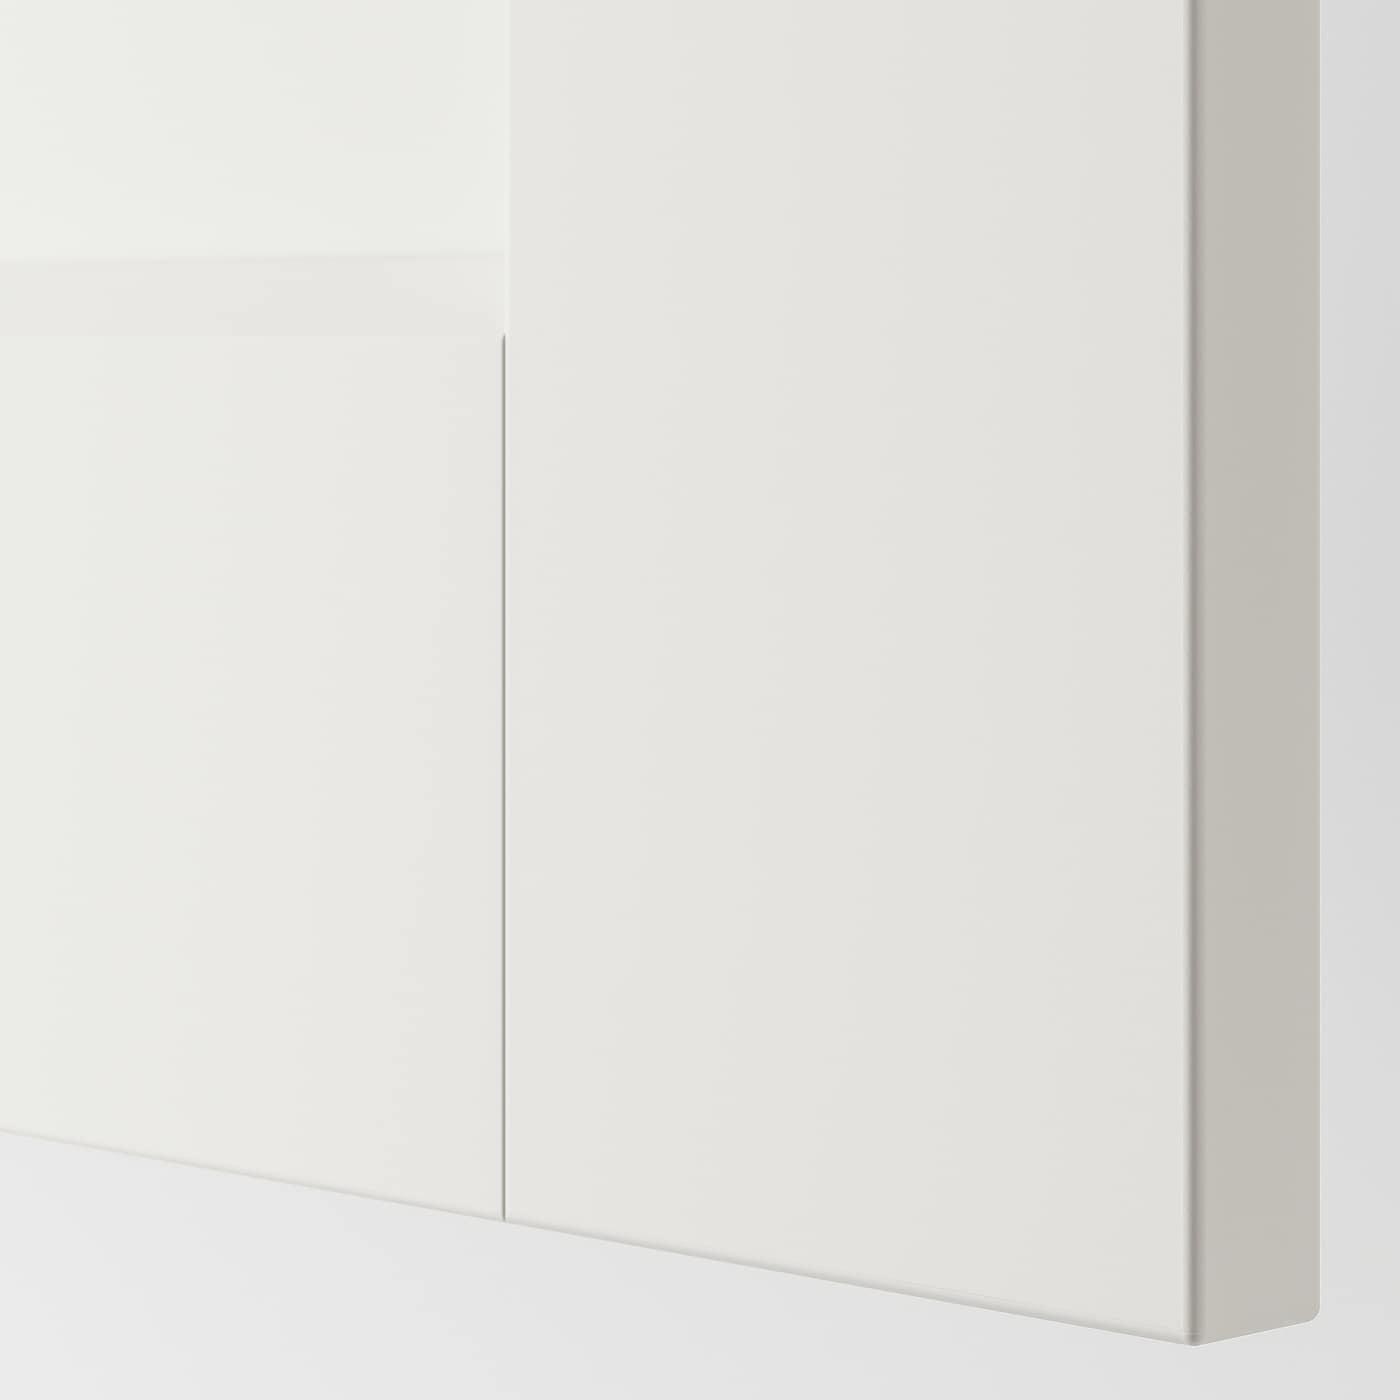 Full Size of Ikea Wohnzimmerschrank Weiß Bett 160x200 Miniküche Mit Schubladen 90x200 Esstisch Oval Weißes Bad Hängeschrank Hochglanz Regal Kinderzimmer Sofa Wohnzimmer Ikea Wohnzimmerschrank Weiß